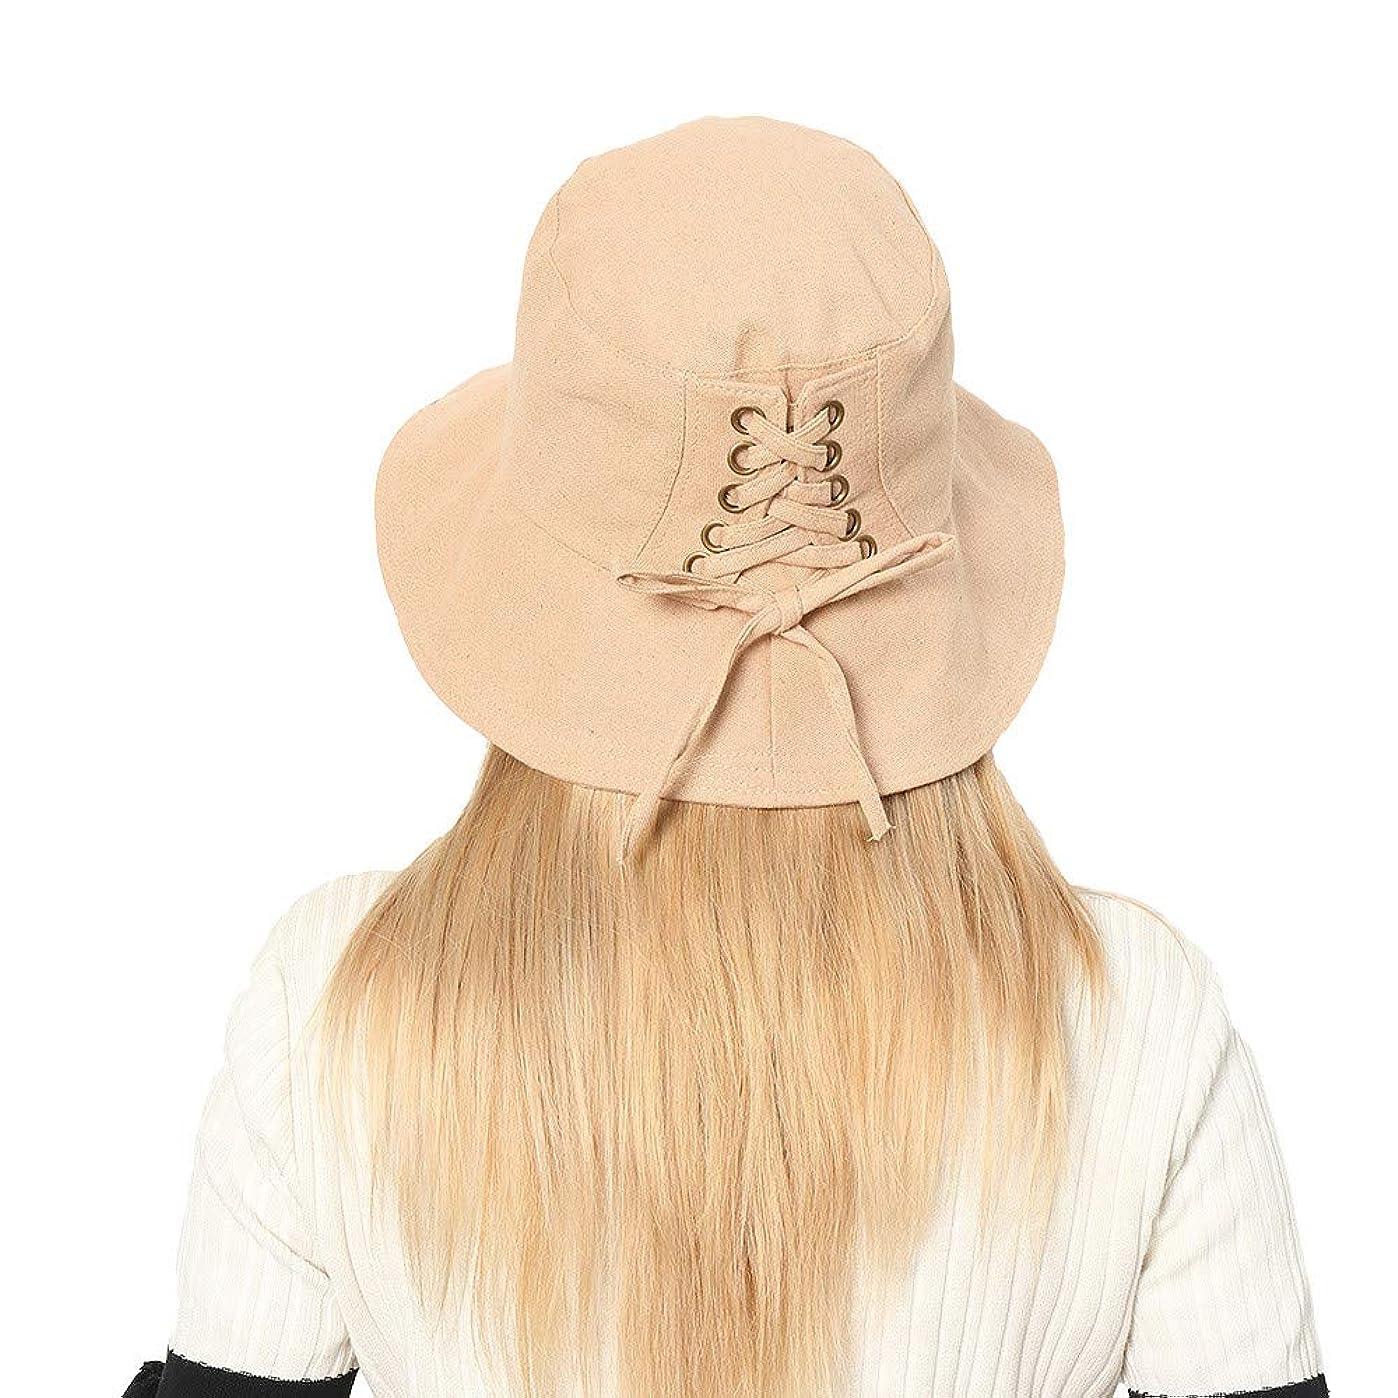 ほぼハンバーガー農奴ハット レディース バイザー ホルダー 帽子 レディース 夏 女性 ハット UVカット 帽子 日焼け防止 サイズ調節 つば広 uvカット 釣り 旅行 野球 日除け ヘアバンド ベレー帽 帽子 サイズ調整 テープ ROSE ROMAN